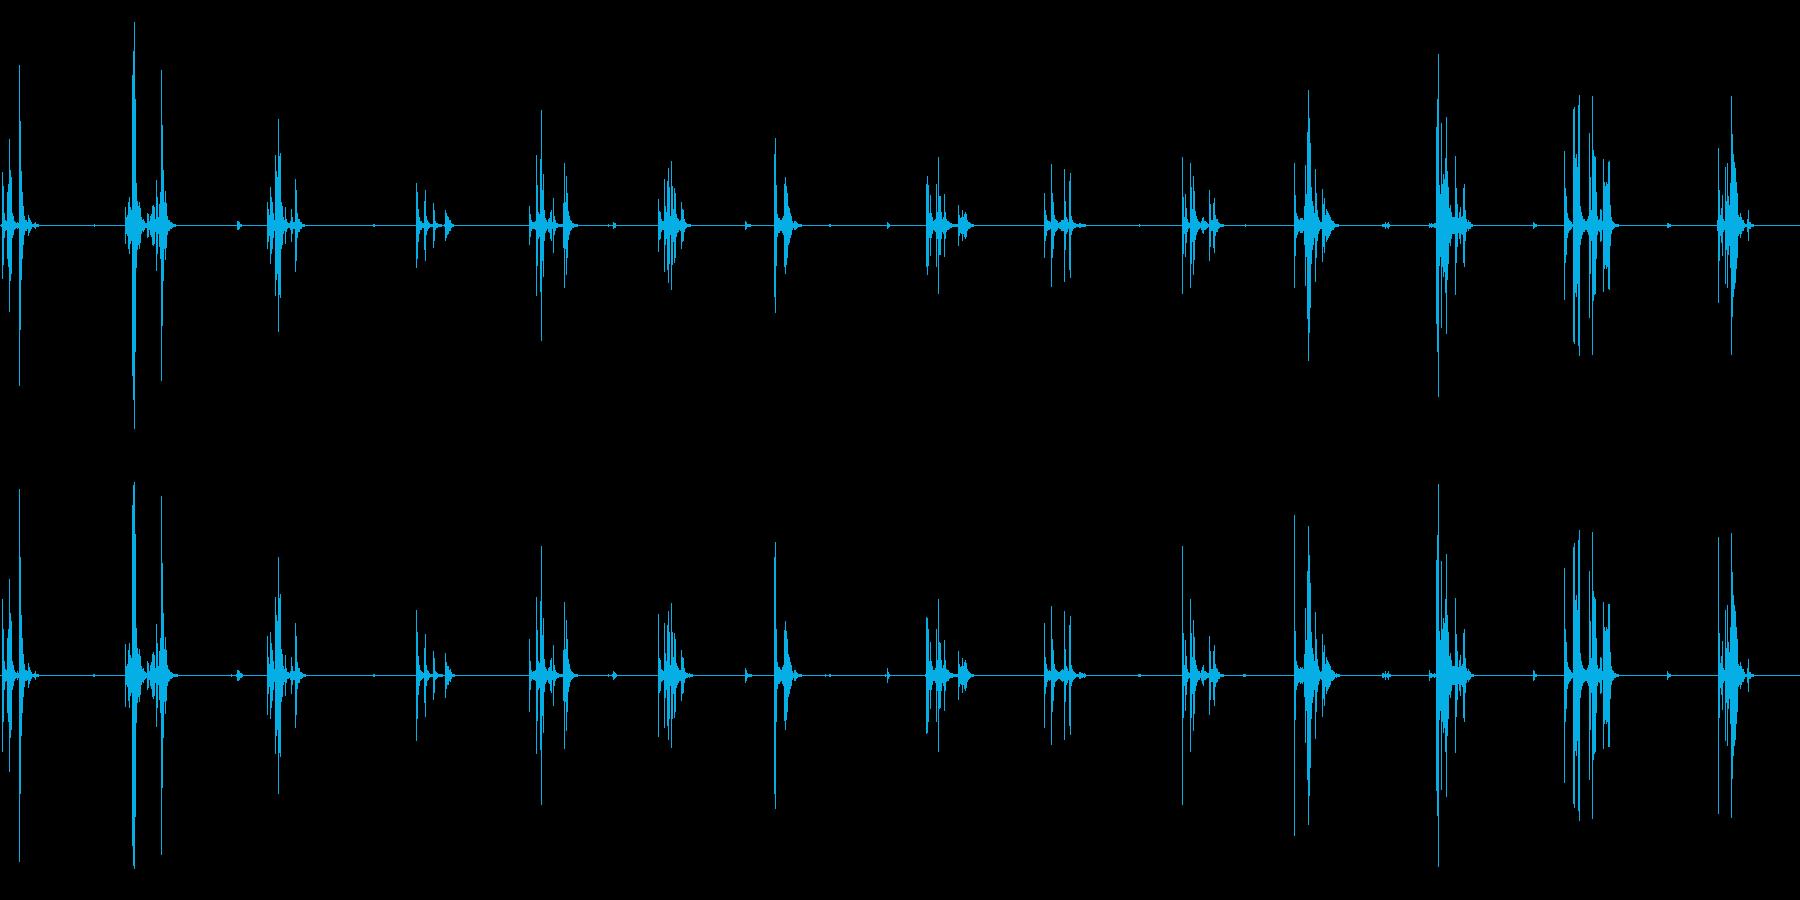 シンク、フォリーのスタックディスクの再生済みの波形